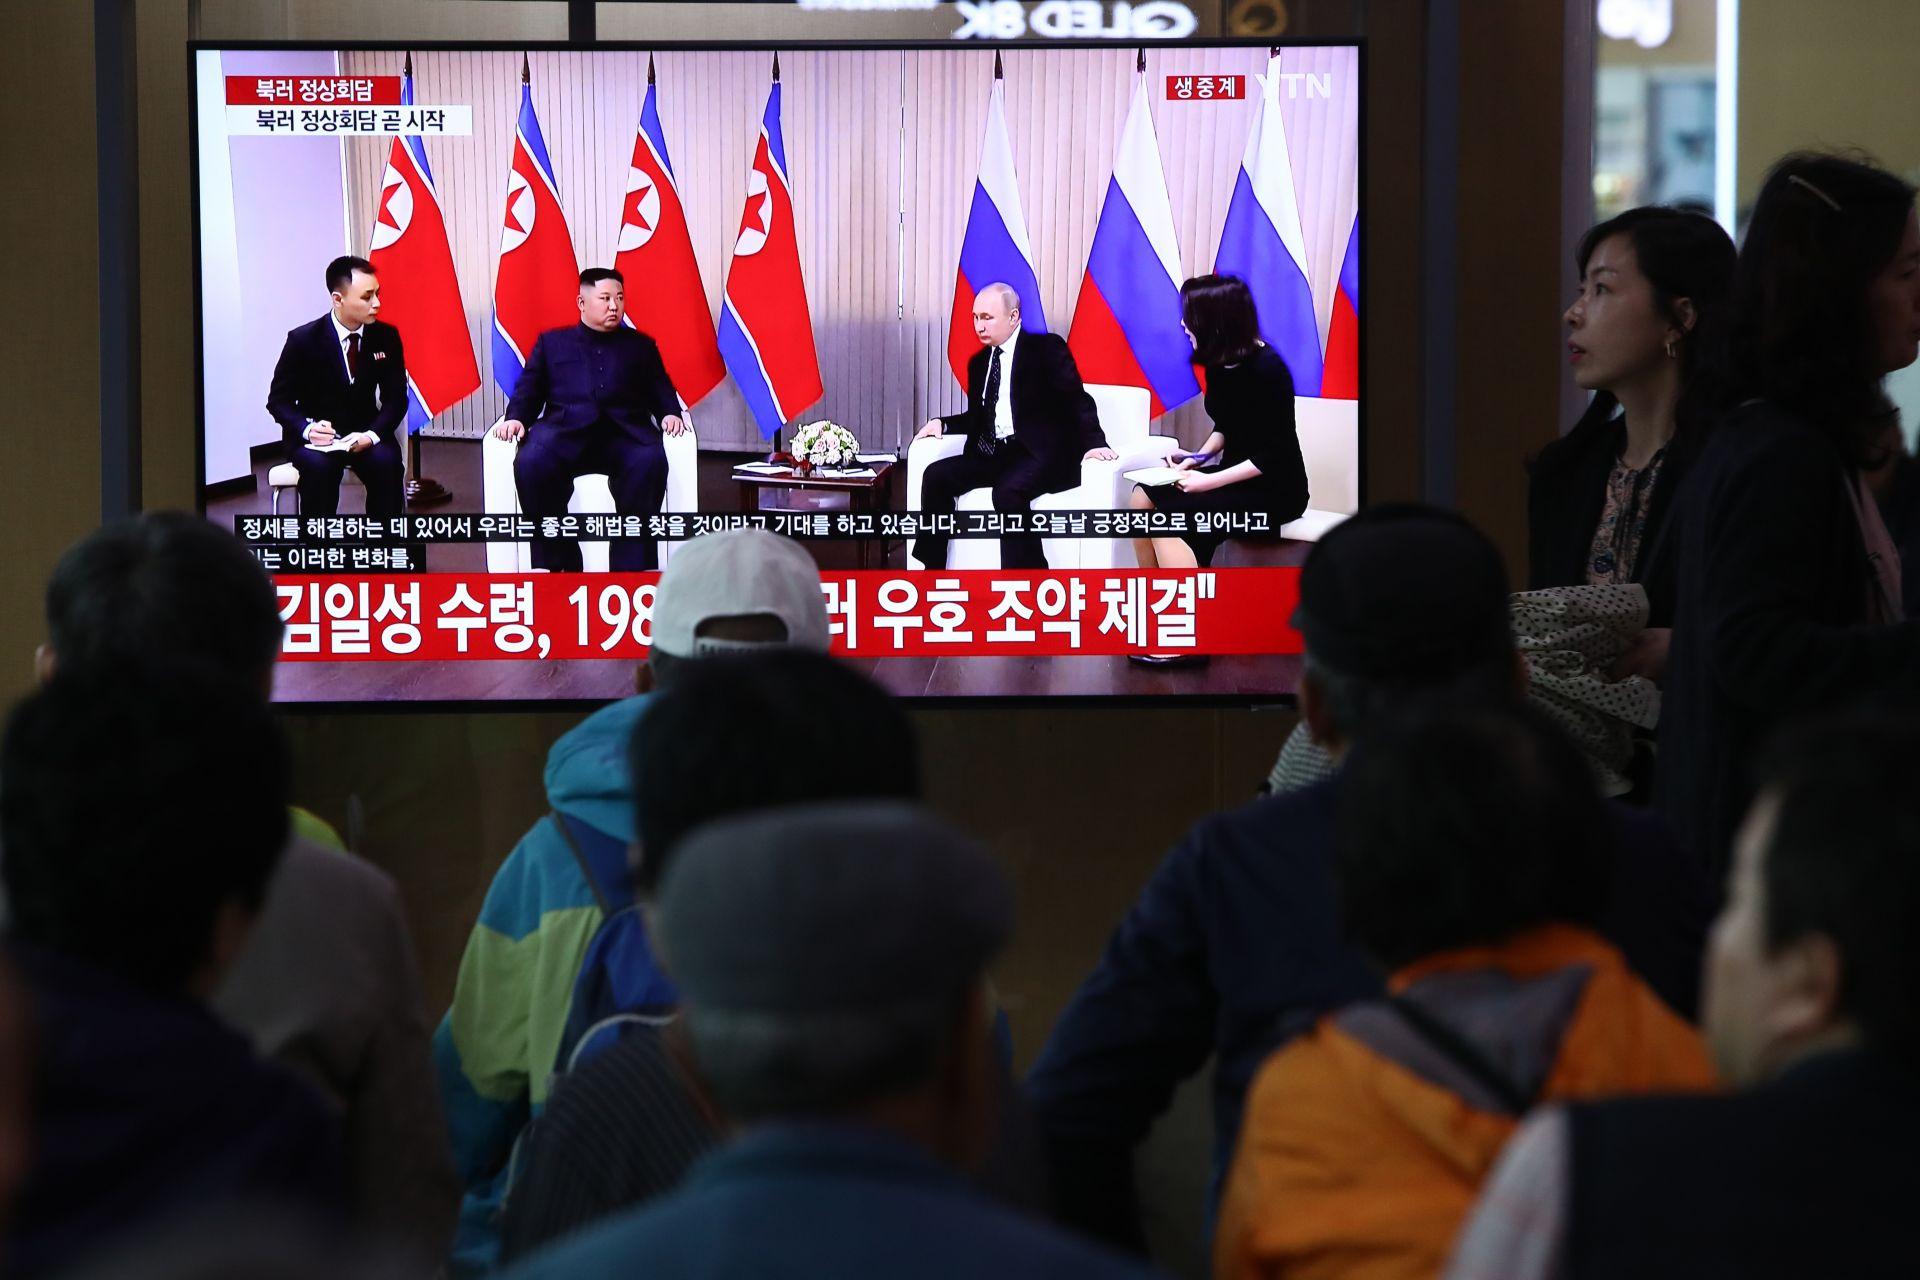 25 април 2019 г. - Южнокорейците гледат телевизионно предаване, в което лидерът на Северна Корея Ким Чен Ун е с руския президент Владимир Путин на железопътната гара в Сеул. Двамата се срещнаха за пръв път в тихоокеанския пристанищен град Владивосток.